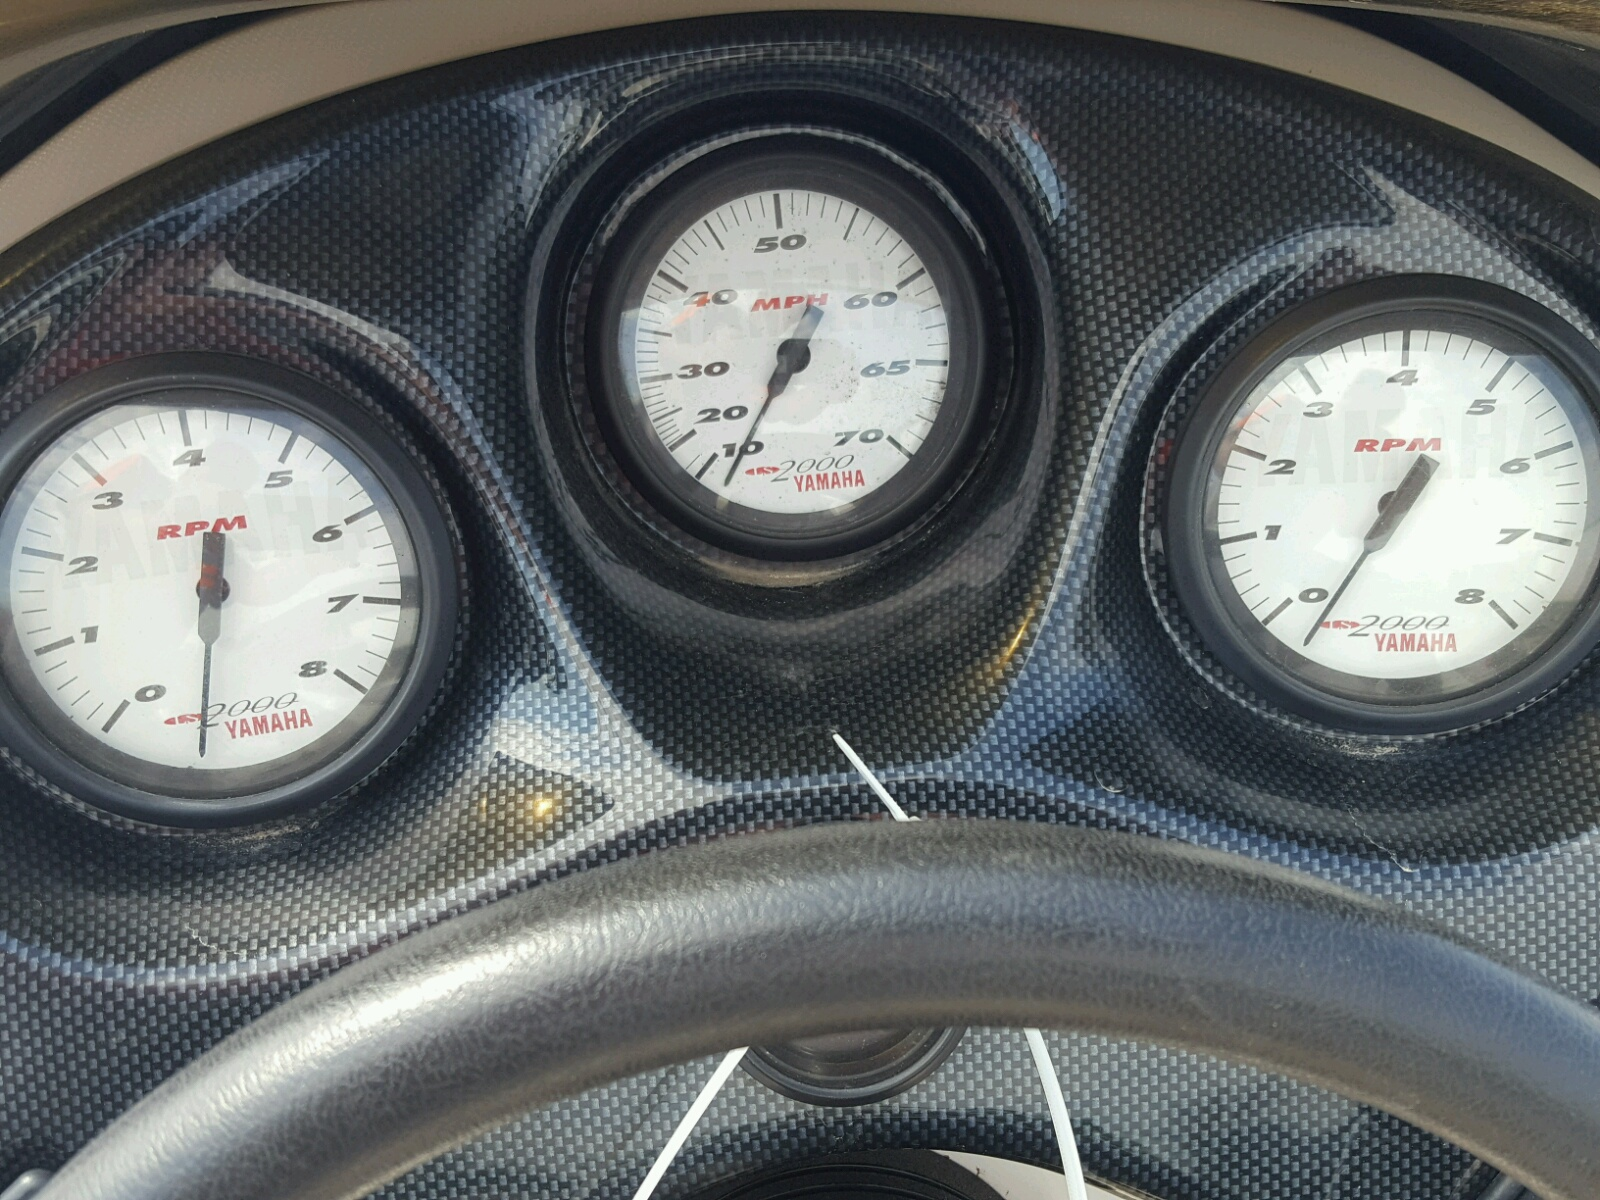 yamaha boat speedometer